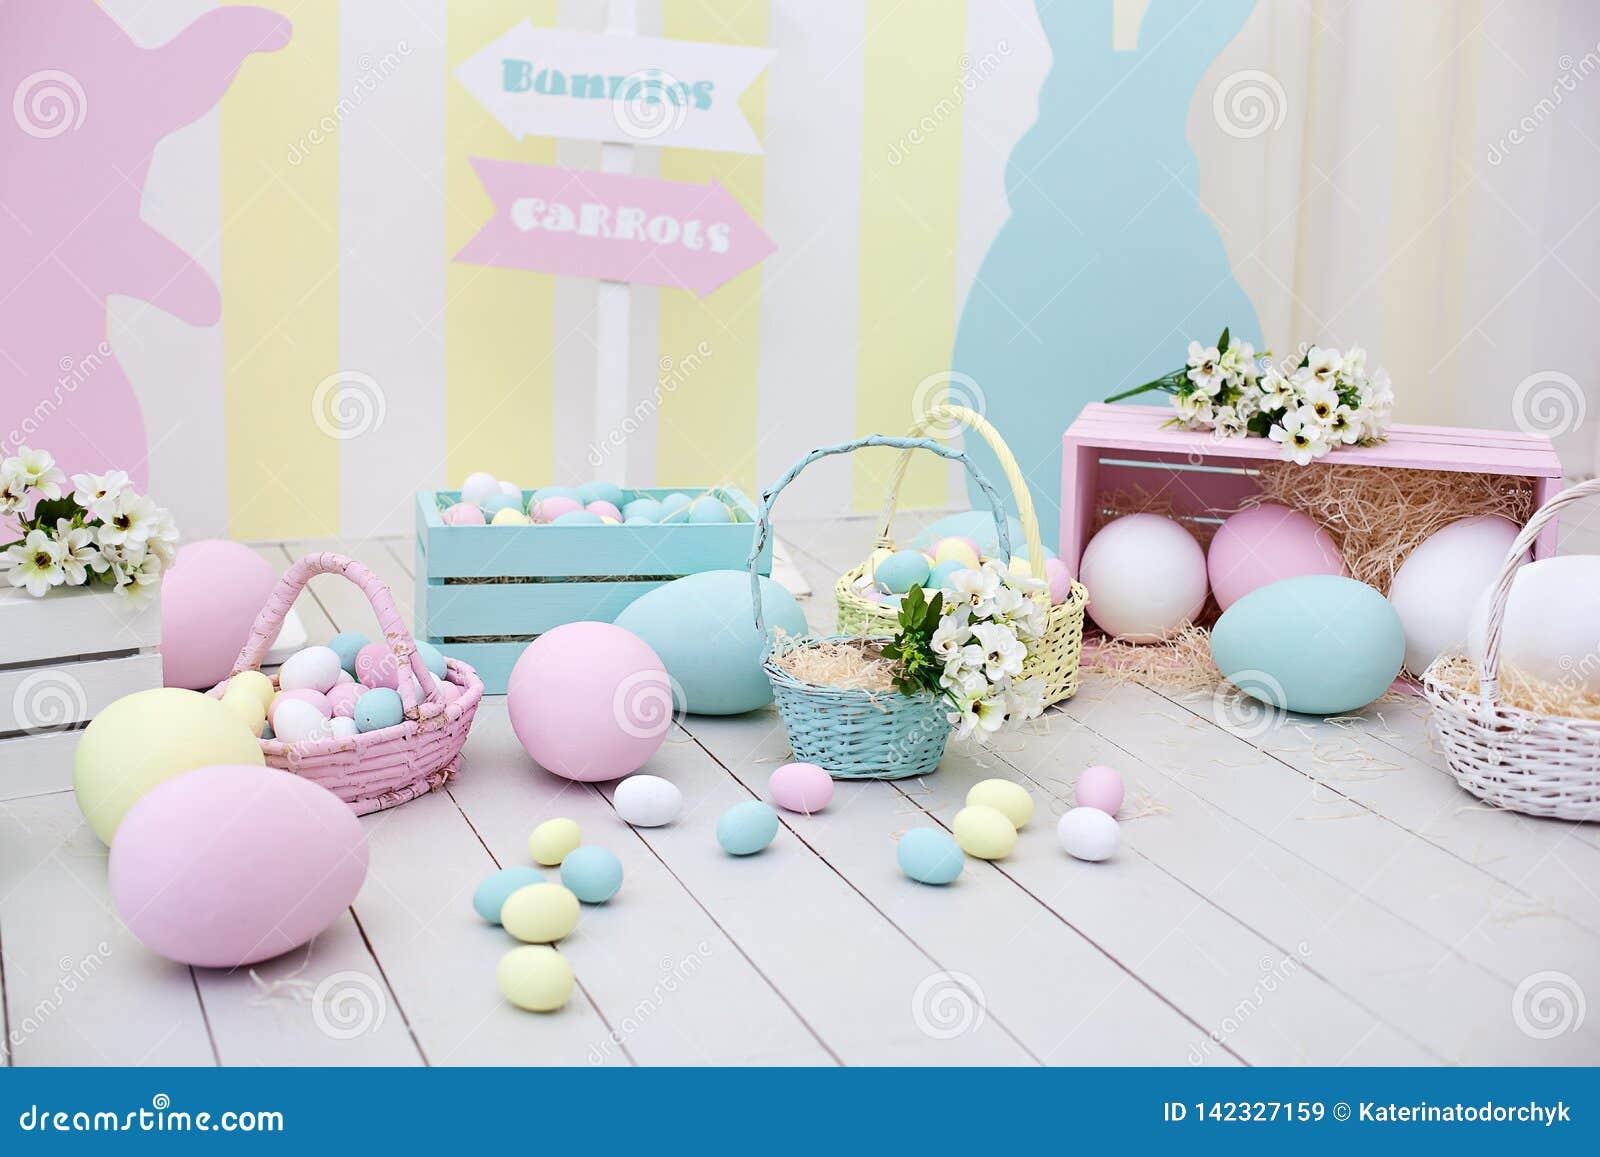 Ντεκόρ Πάσχας και άνοιξη Μεγάλα πολύχρωμα αυγά και λαγουδάκι Πάσχας